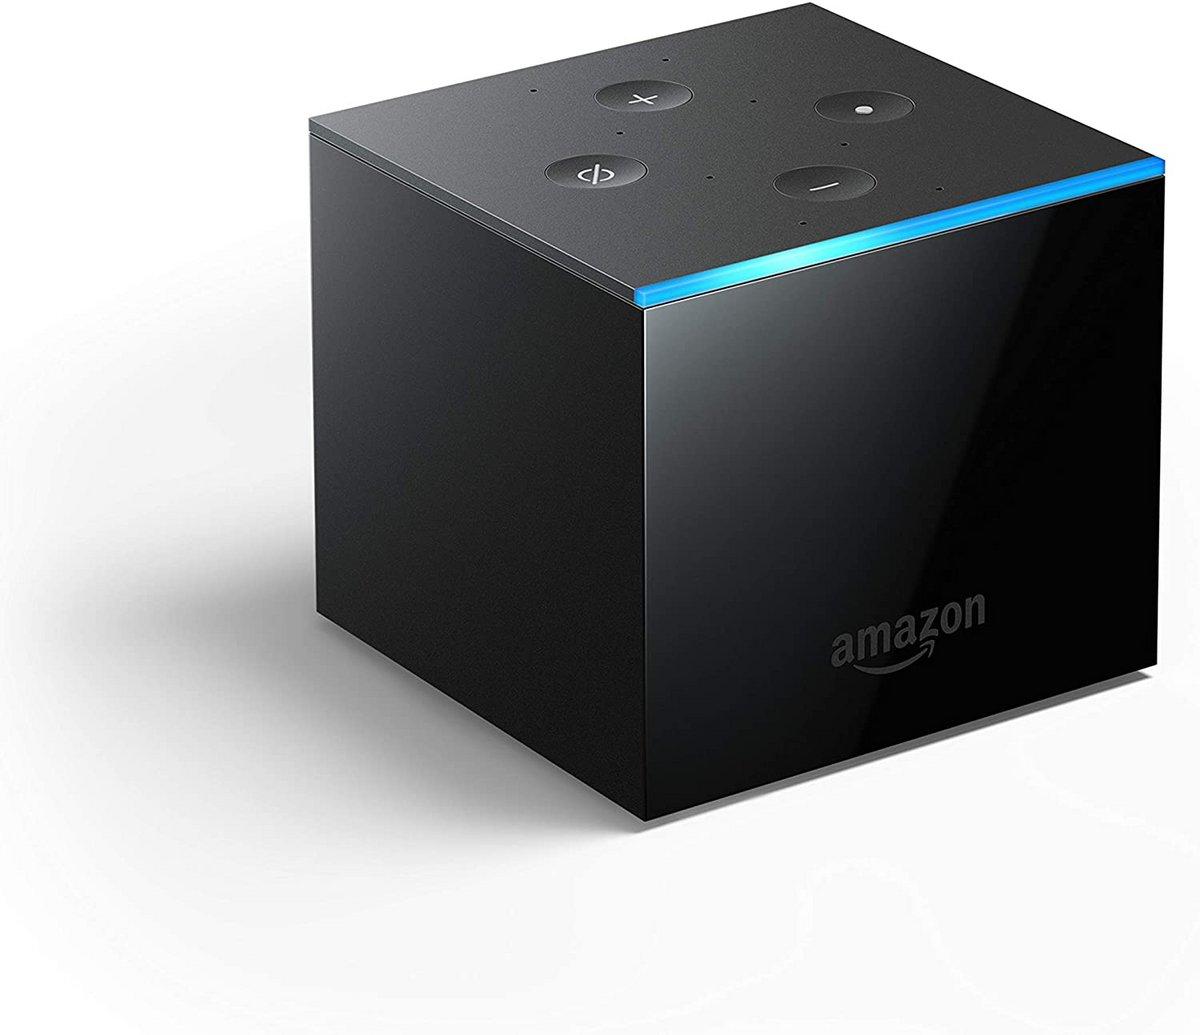 Rendu Fire TV Cube